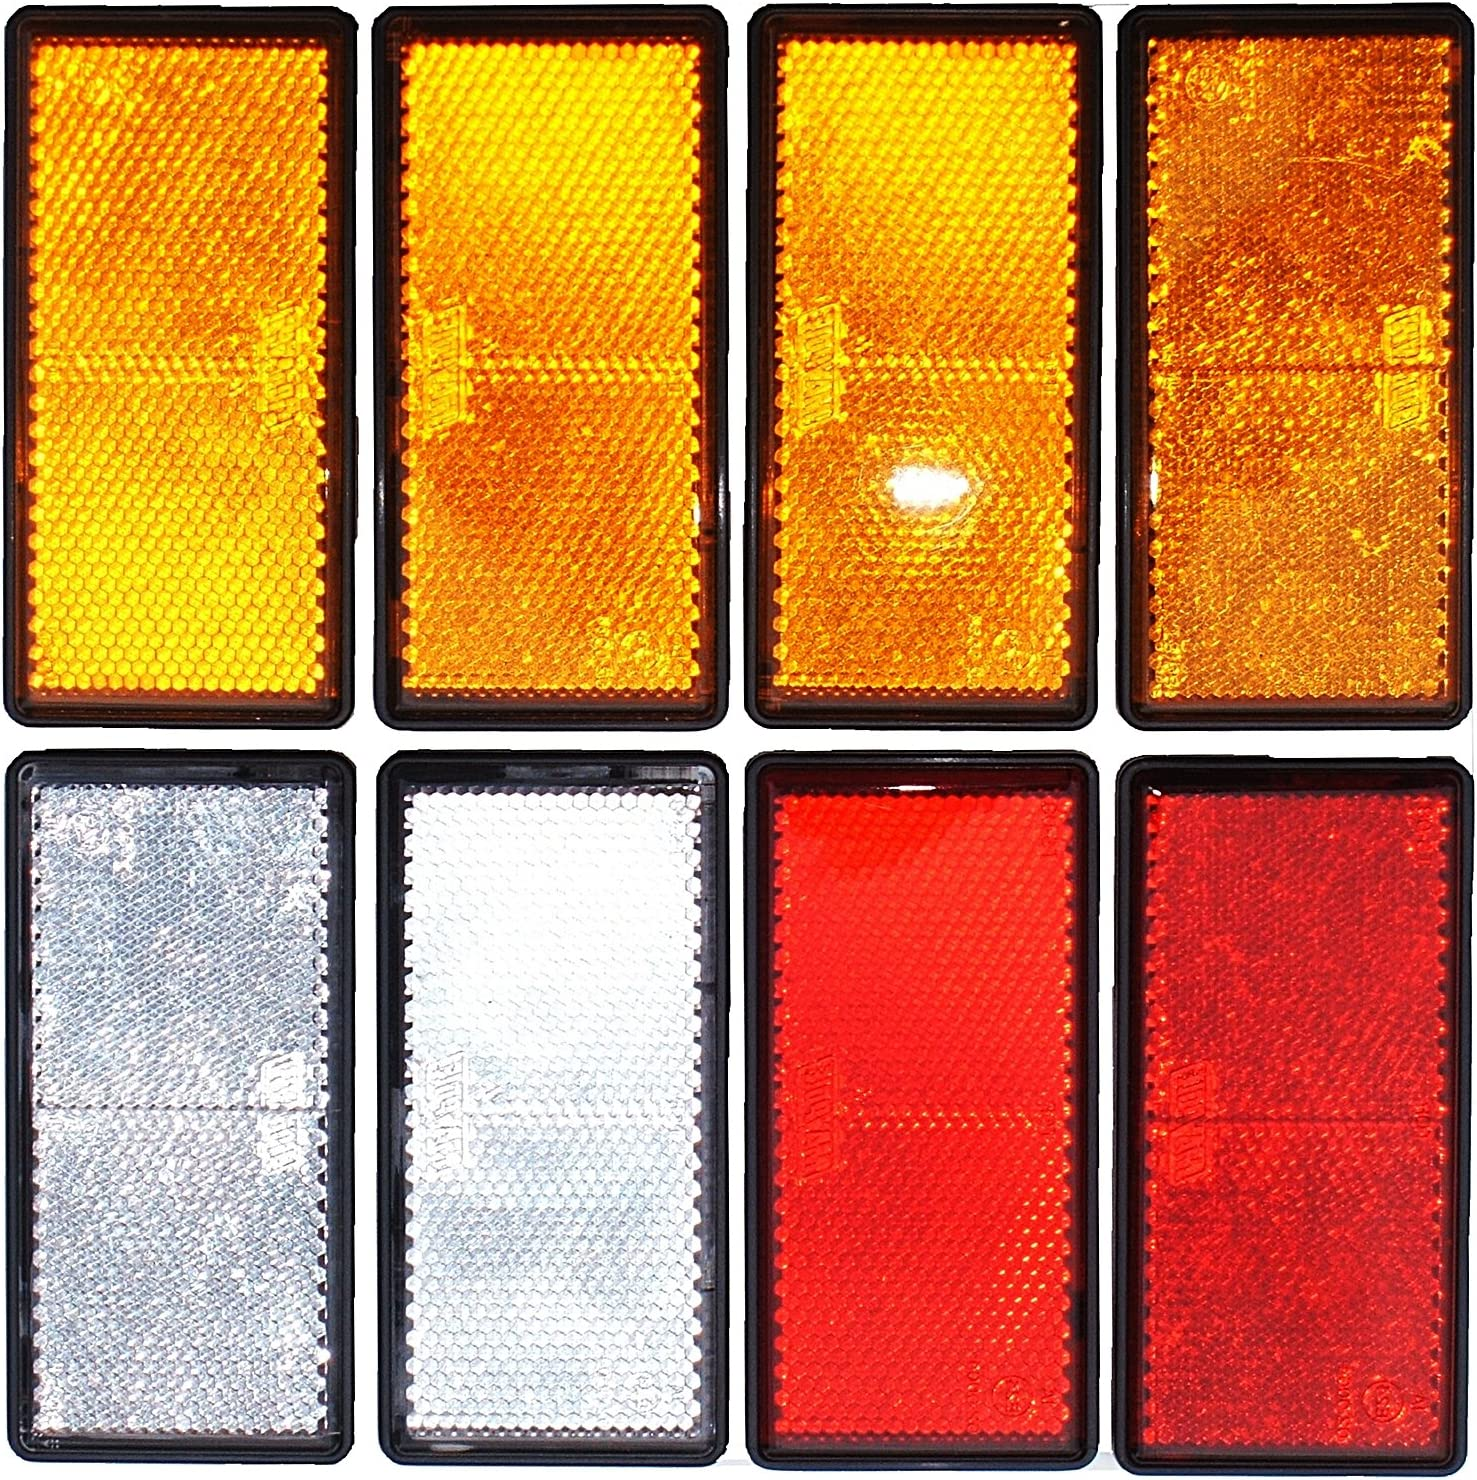 Wei/ß und Bernstein leisure MART LMX1625 Reflektoren Set aus Rot